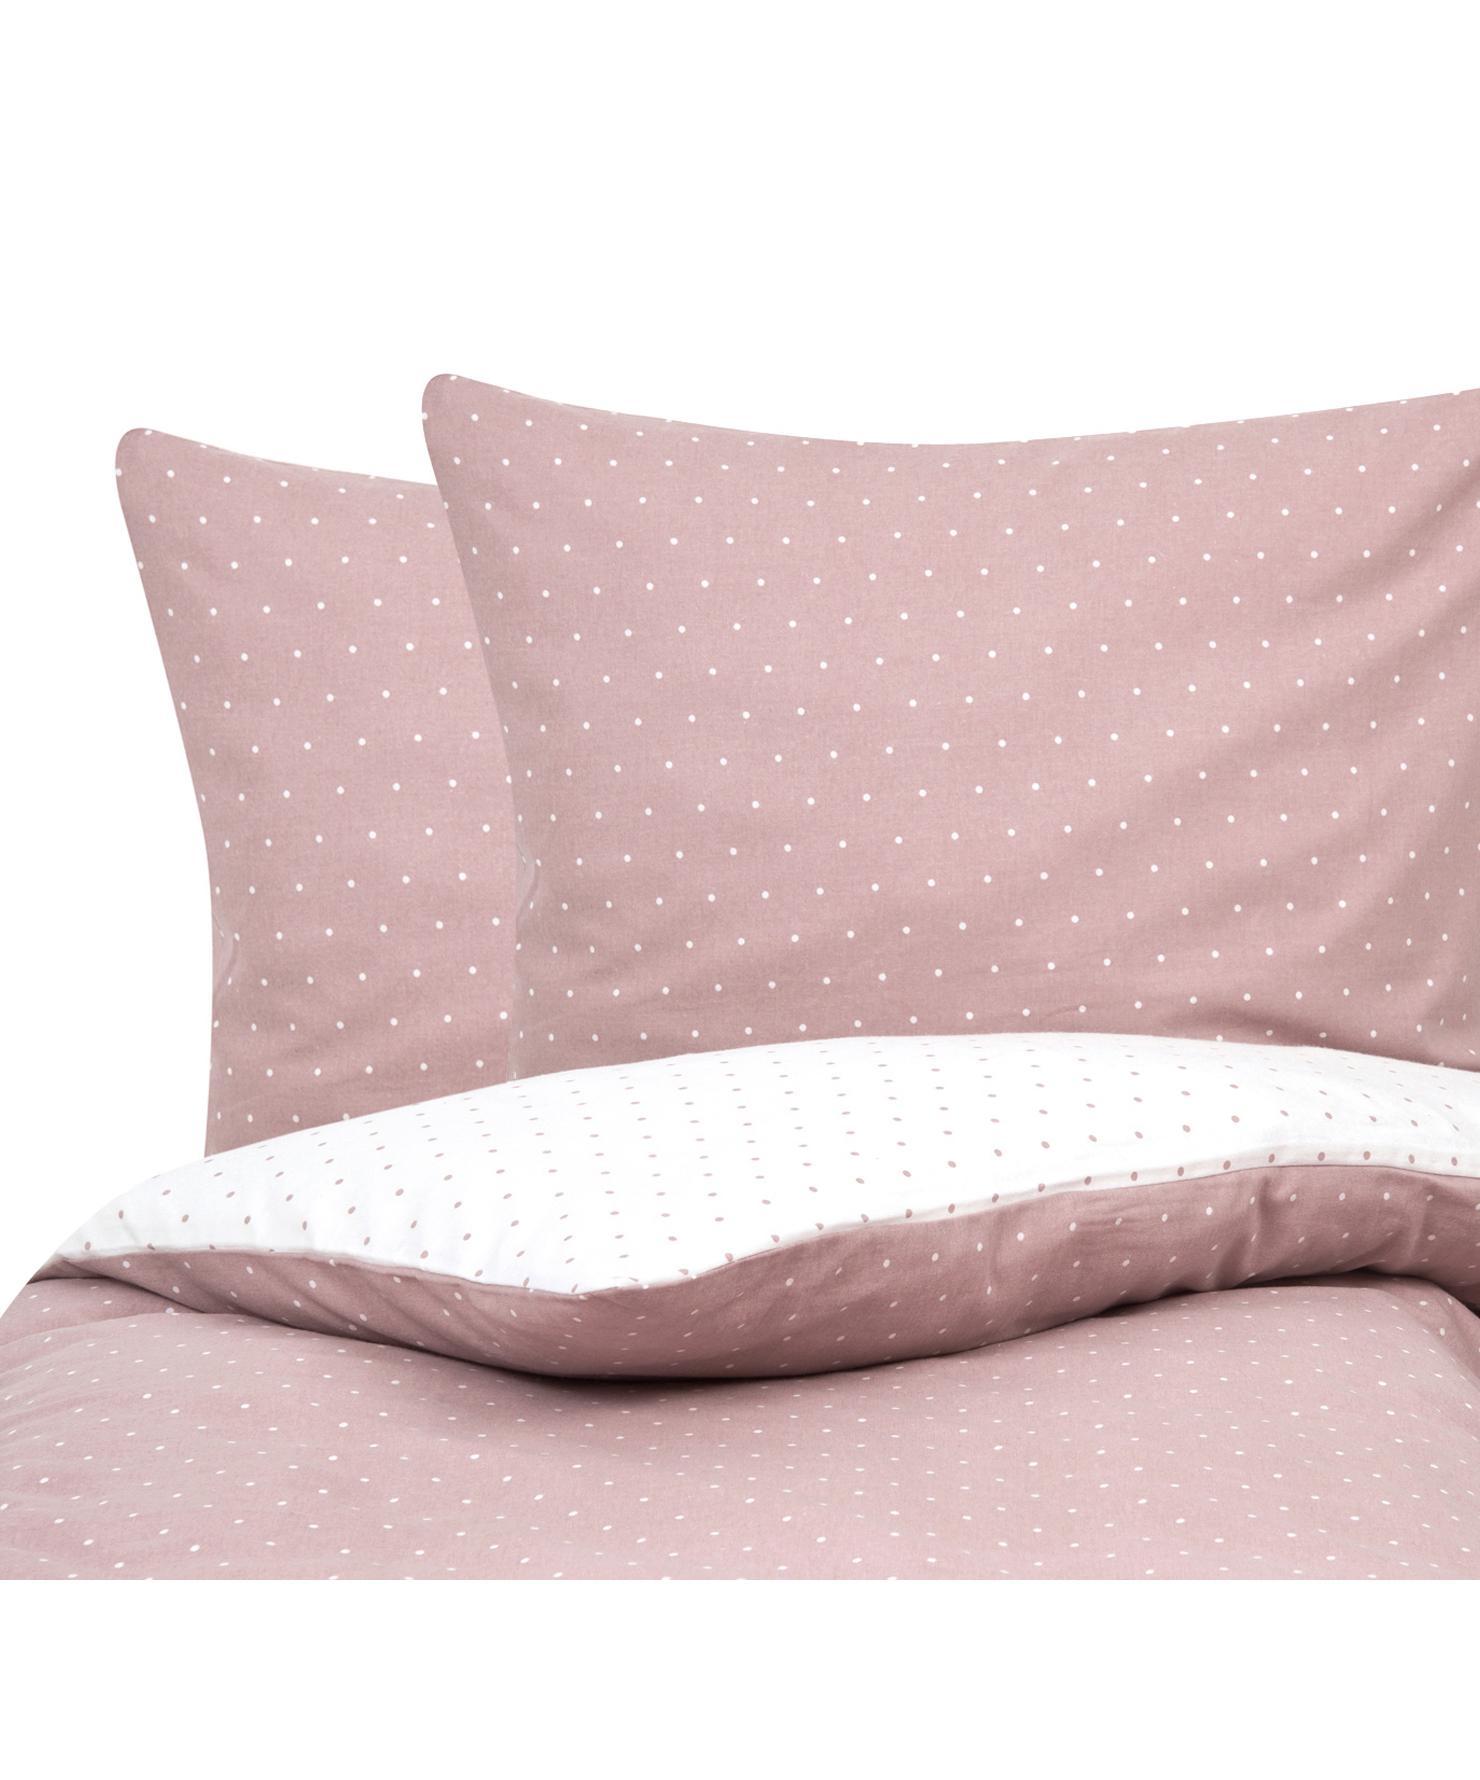 Flanell-Wendebettwäsche Betty, gepunktet, Webart: Flanell Flanell ist ein s, Altrosa, Weiß, 240 x 220 cm + 2 Kissen 80 x 80 cm